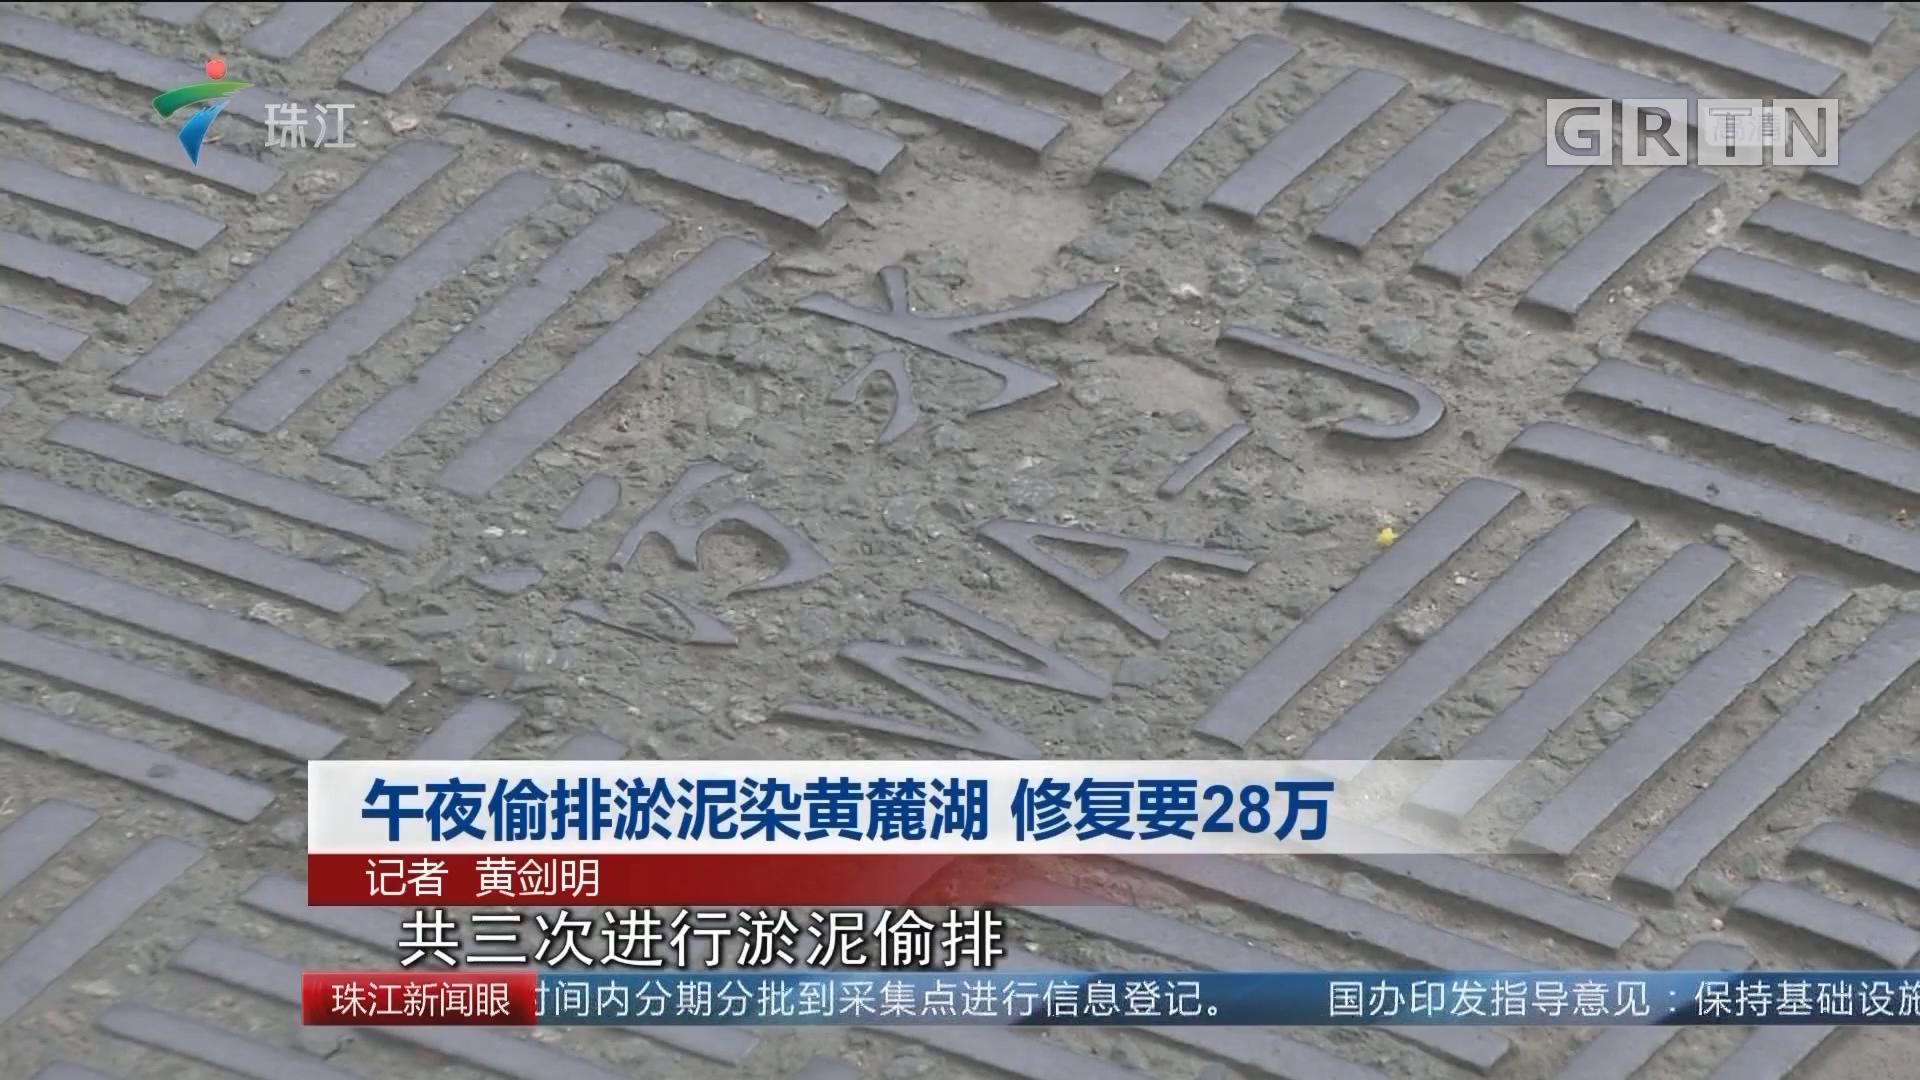 午夜偷排淤泥染黄麓湖 修复要28万